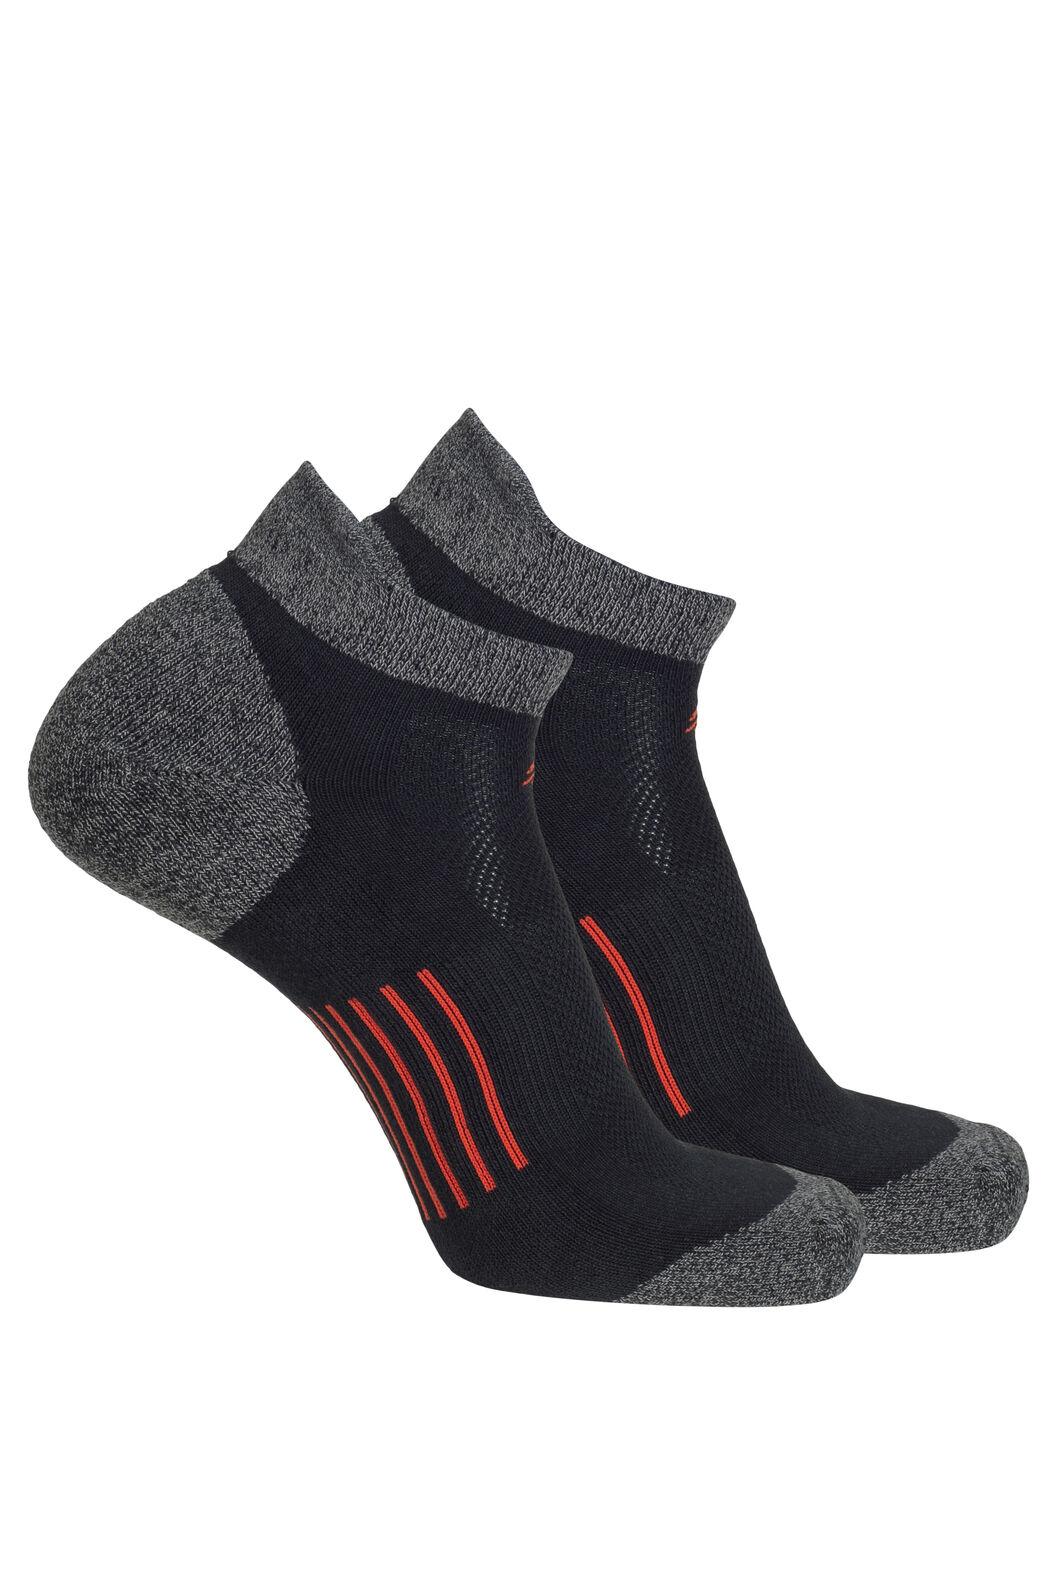 Macpac COOLMAX® Run Anklet Socks — 2 Pack, Black/Pureed Pumpkin, hi-res